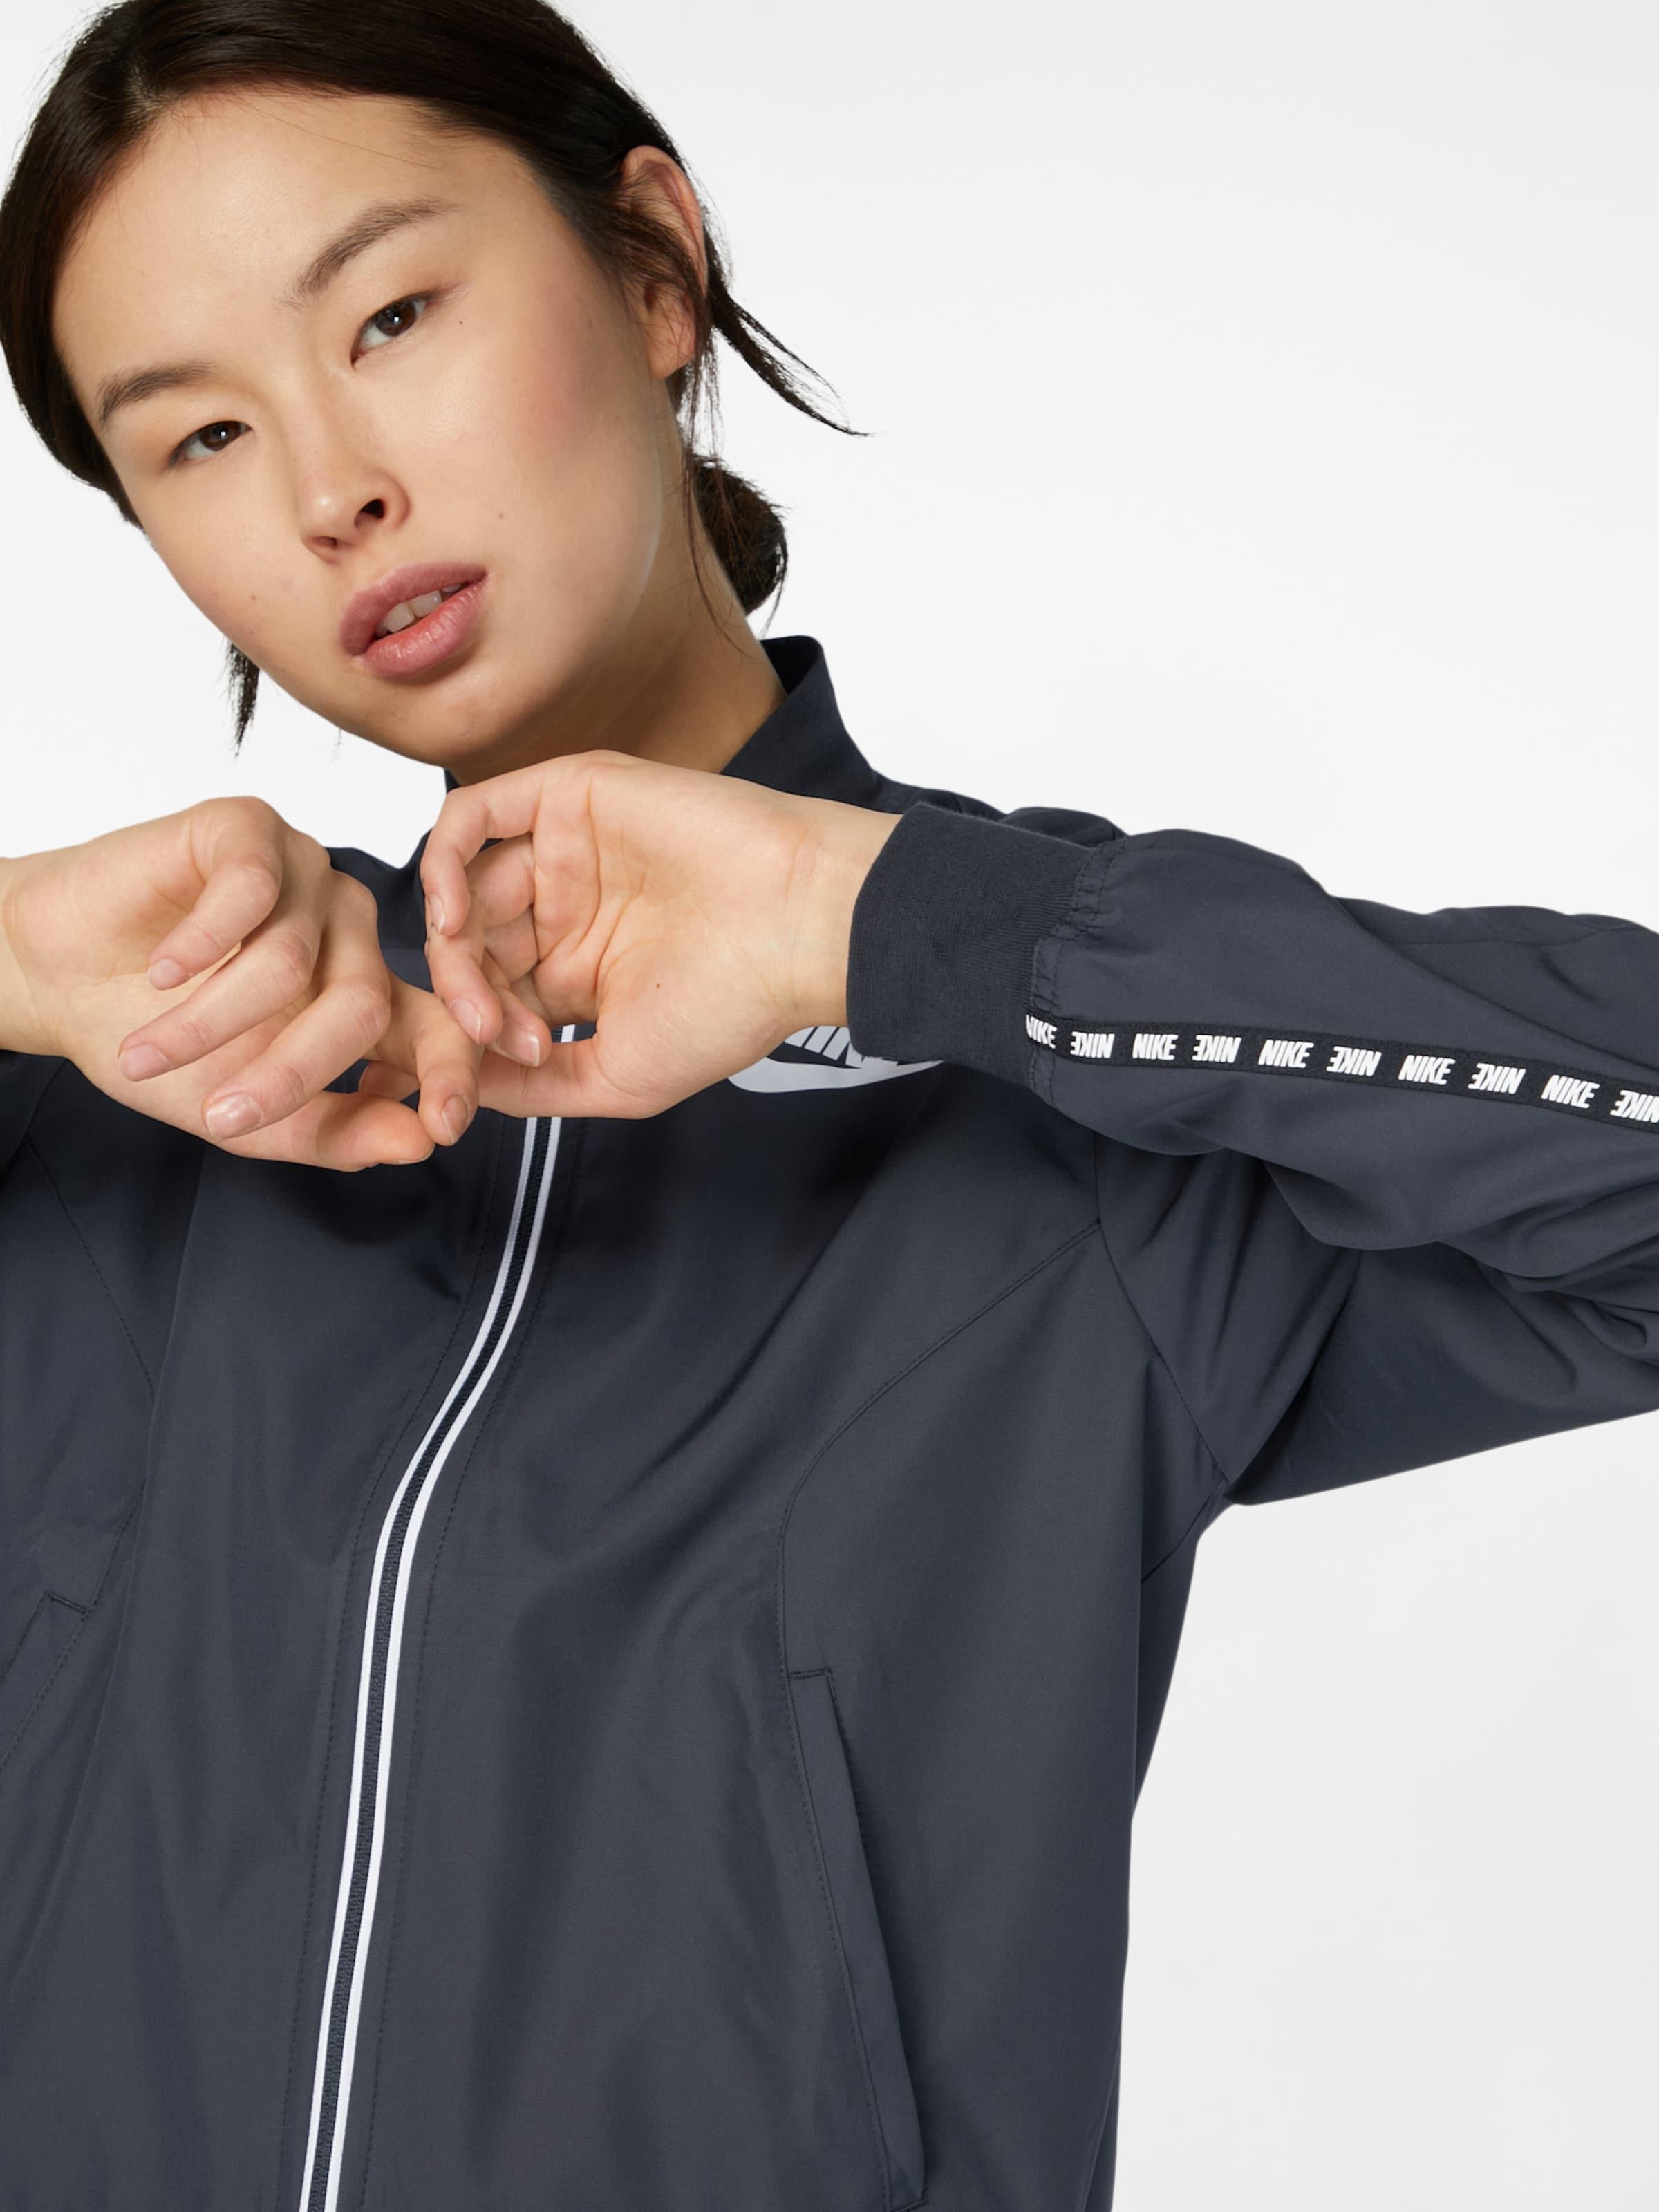 Nike Sportswear Sportjacke Rabatte Verkauf Online ZoVR46MM